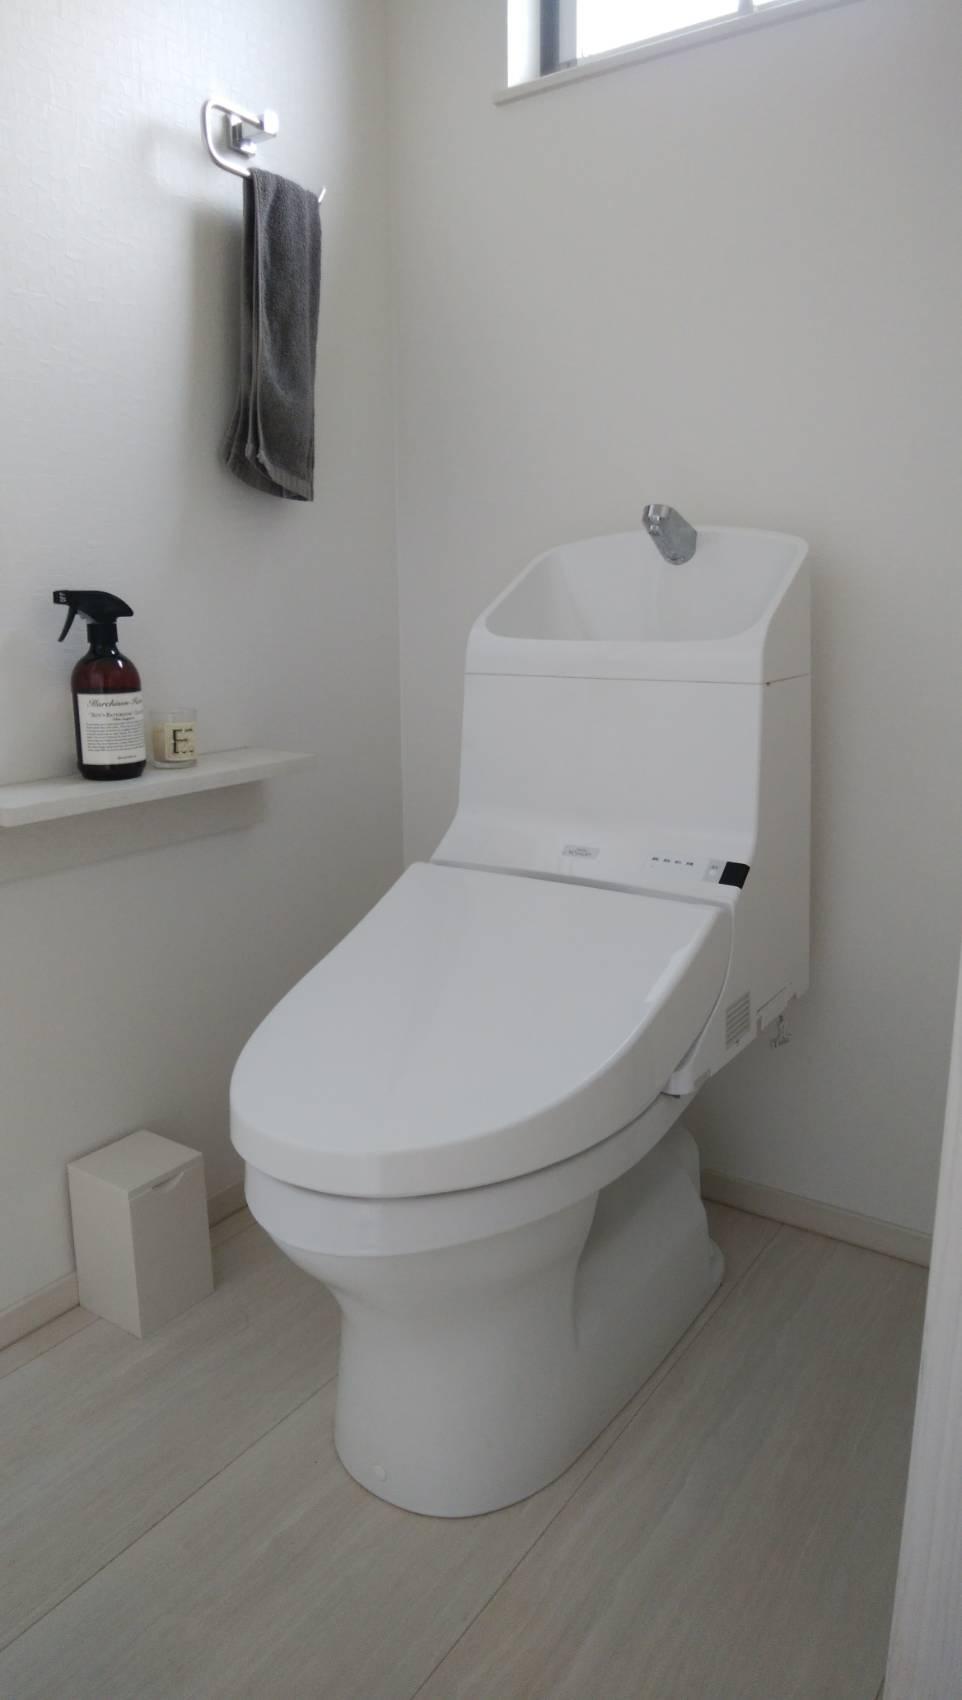 トイレタンクの中で水漏れ